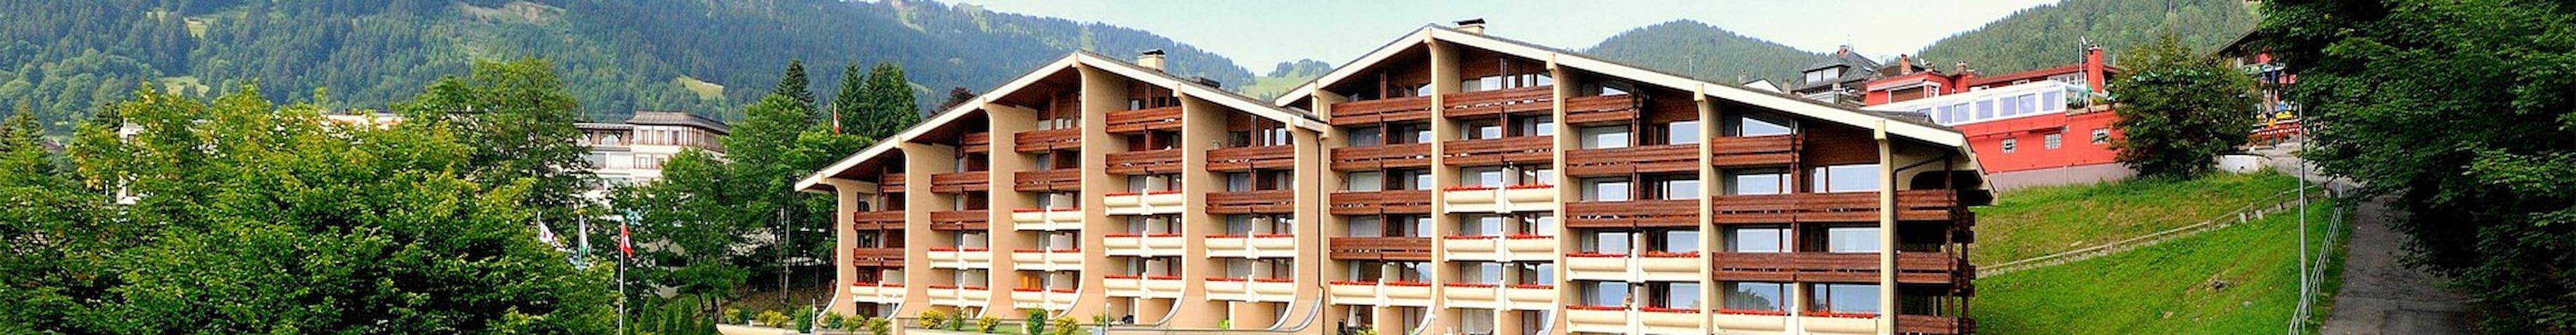 Appartement 2 pces dans Hotel 4*. Proche du centre - Ollon